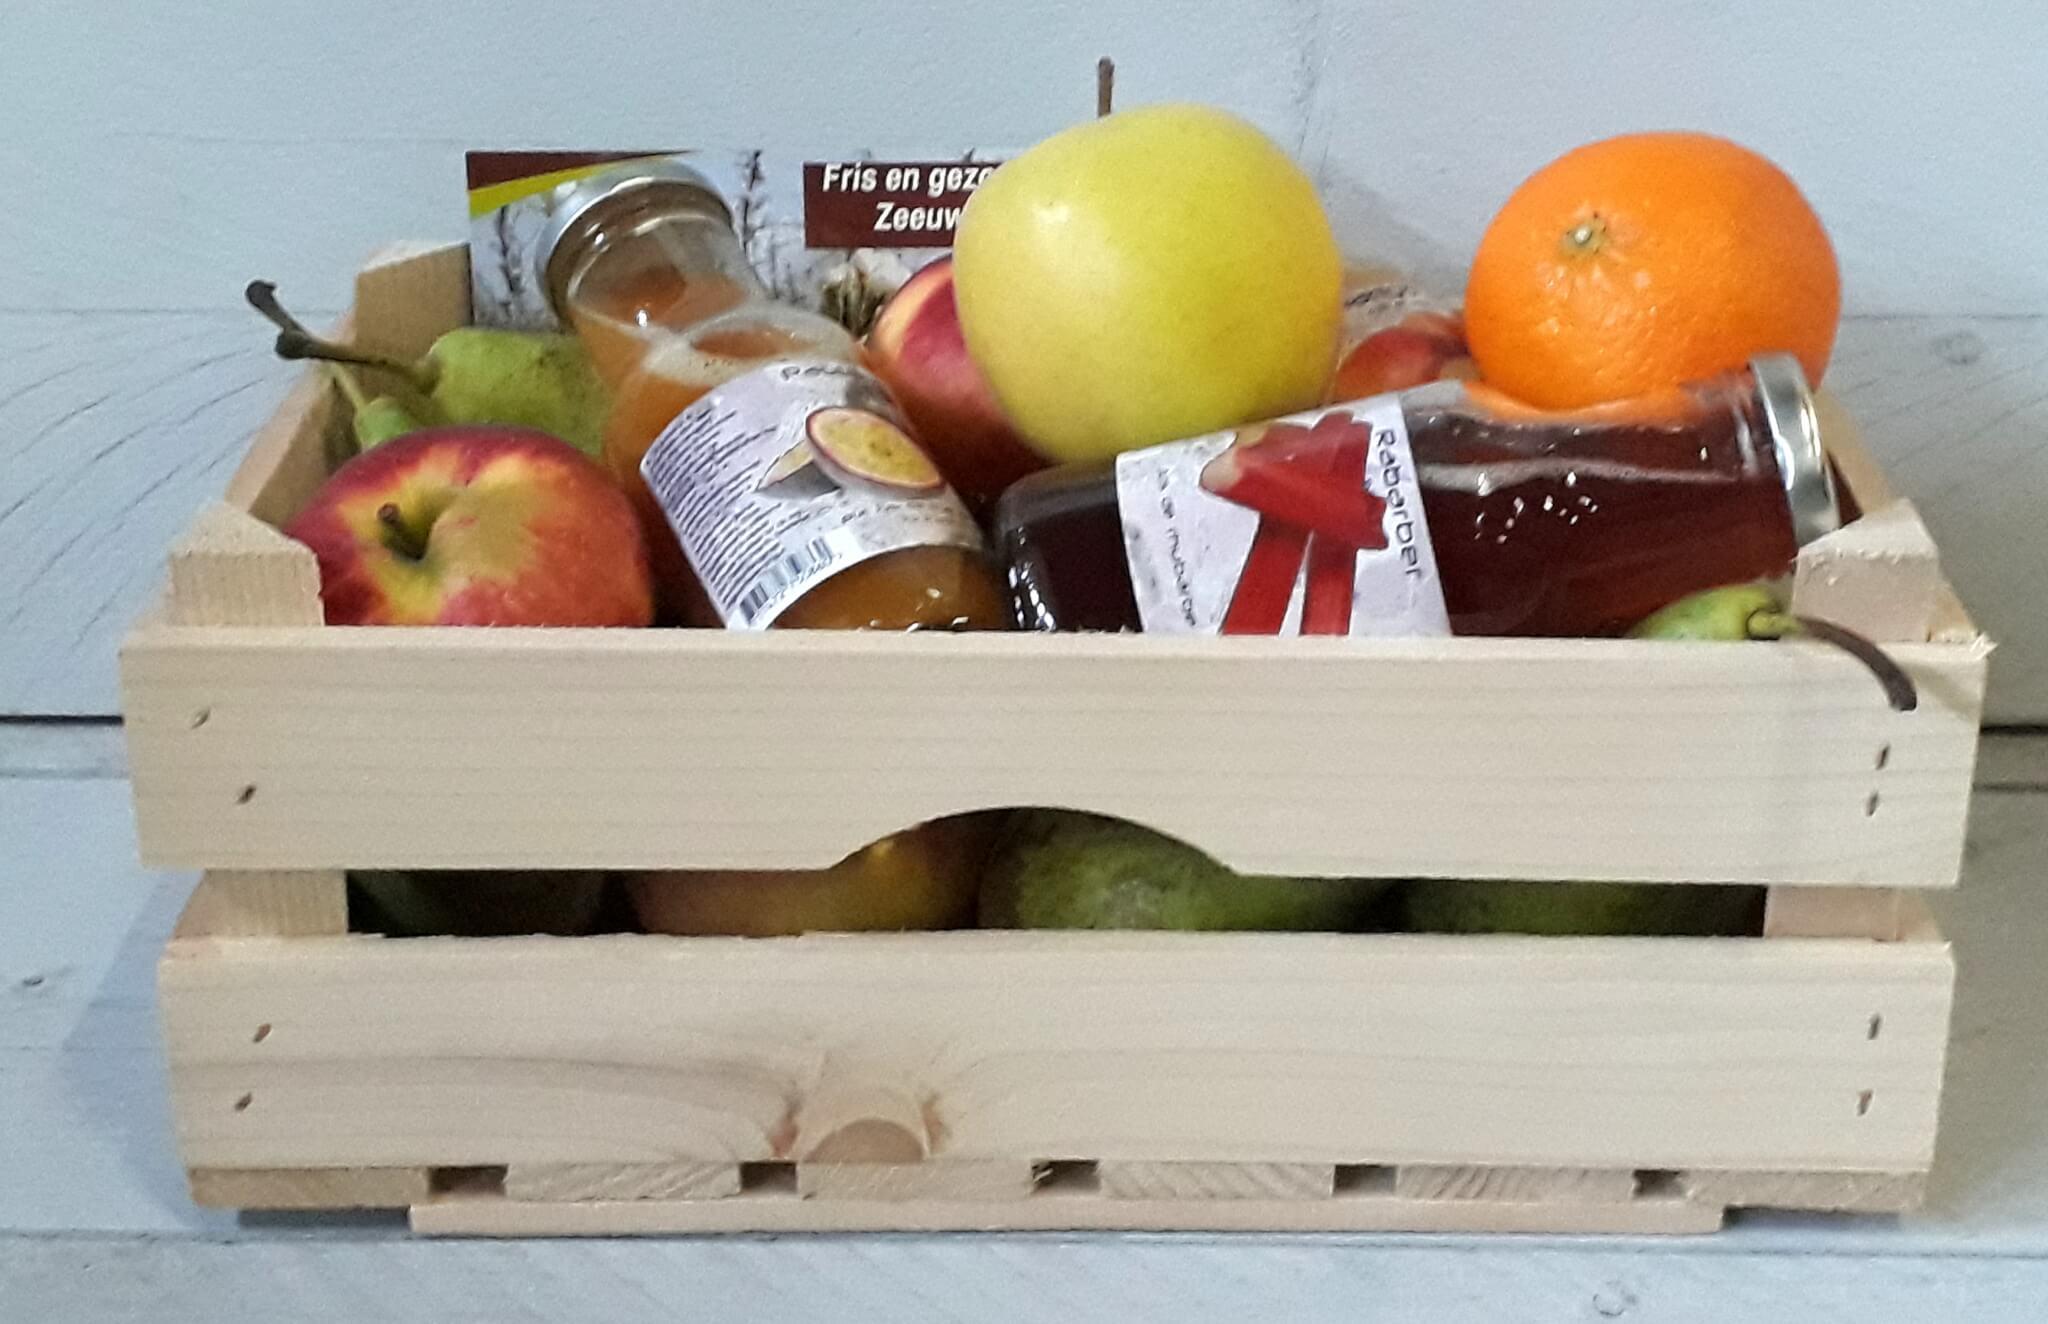 Fruitbedrijf Van den Berge Fruitkistje met sapjes